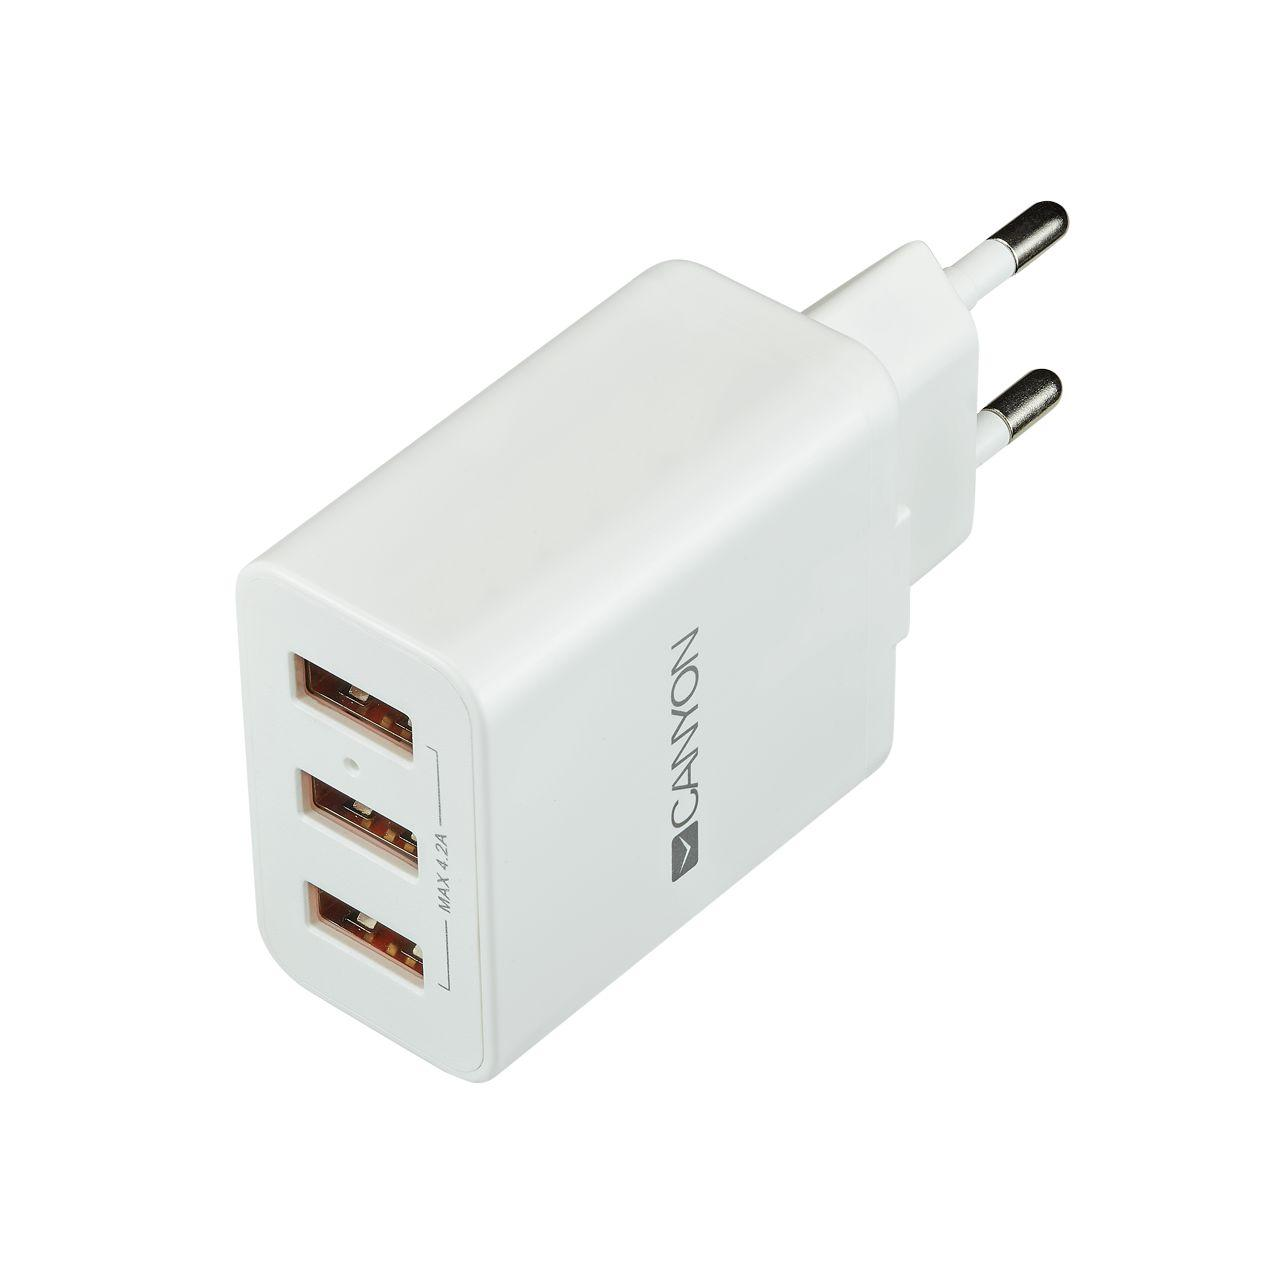 Мережевий зарядний пристрій Canyon (3USB, 4.2 A) White (CNE-CHA05W)